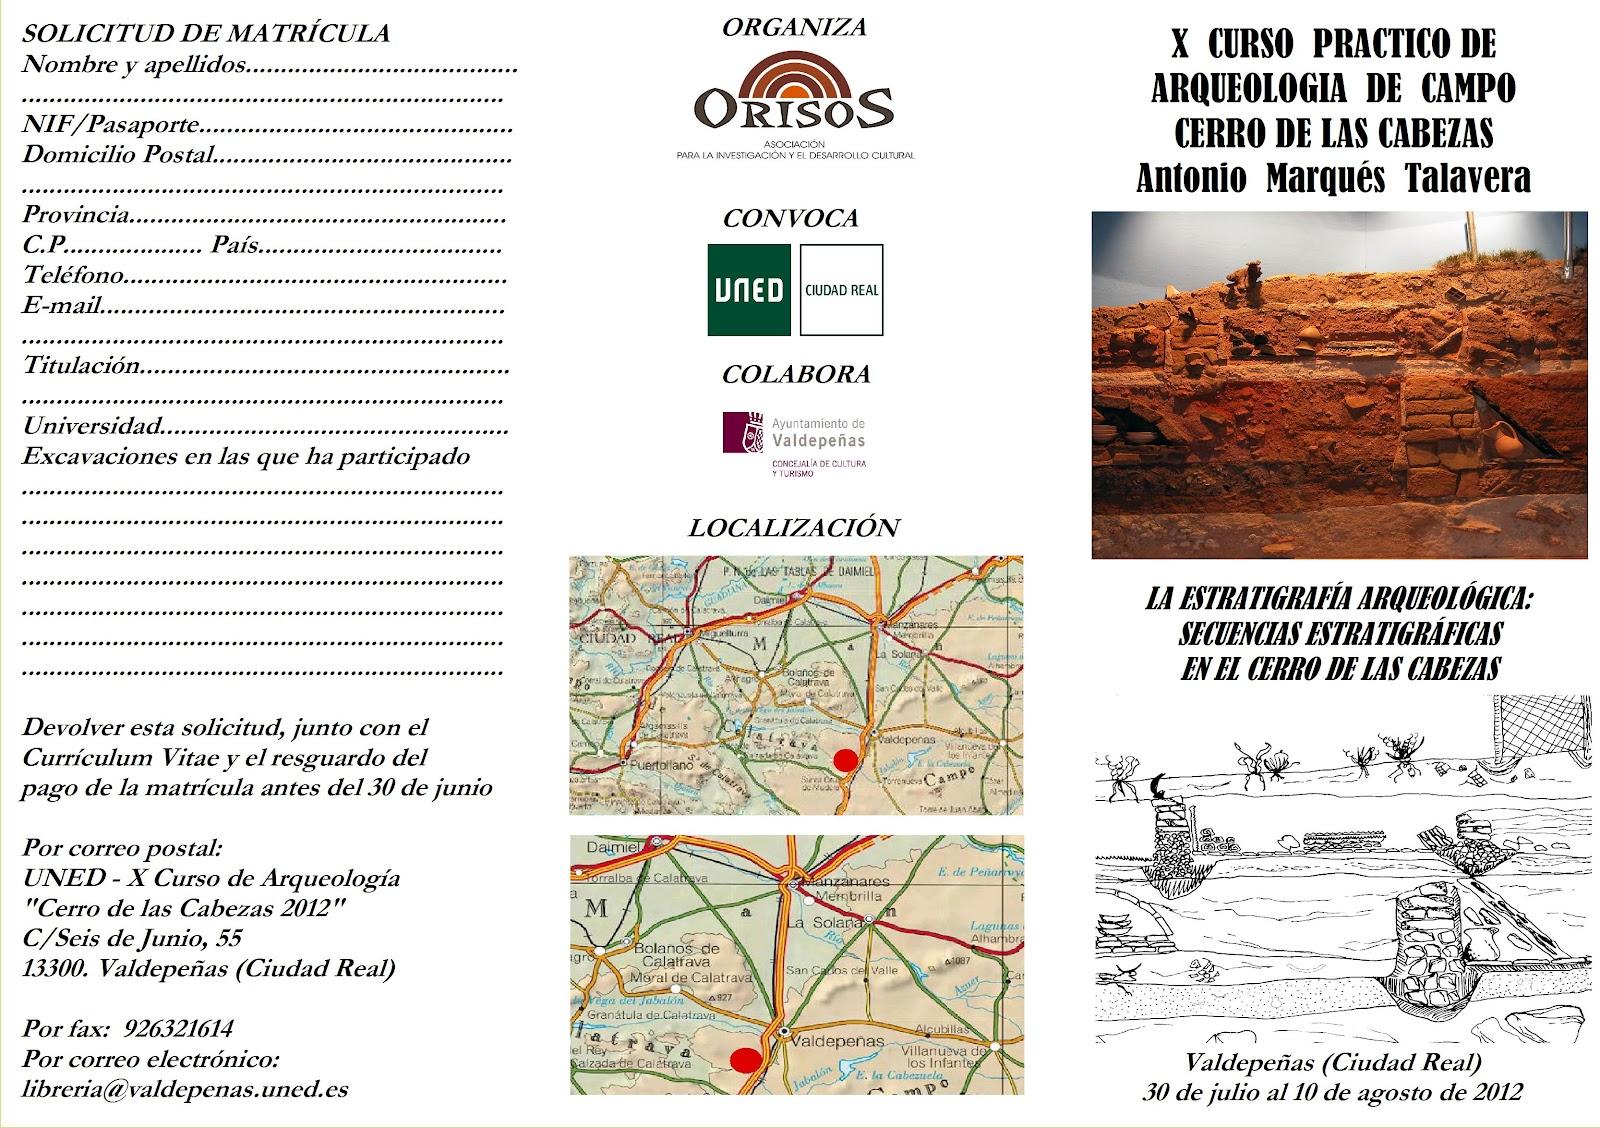 Delegaci n de alumnos uned ciudad real curso de arqueolog a - Cursos de cocina en ciudad real ...